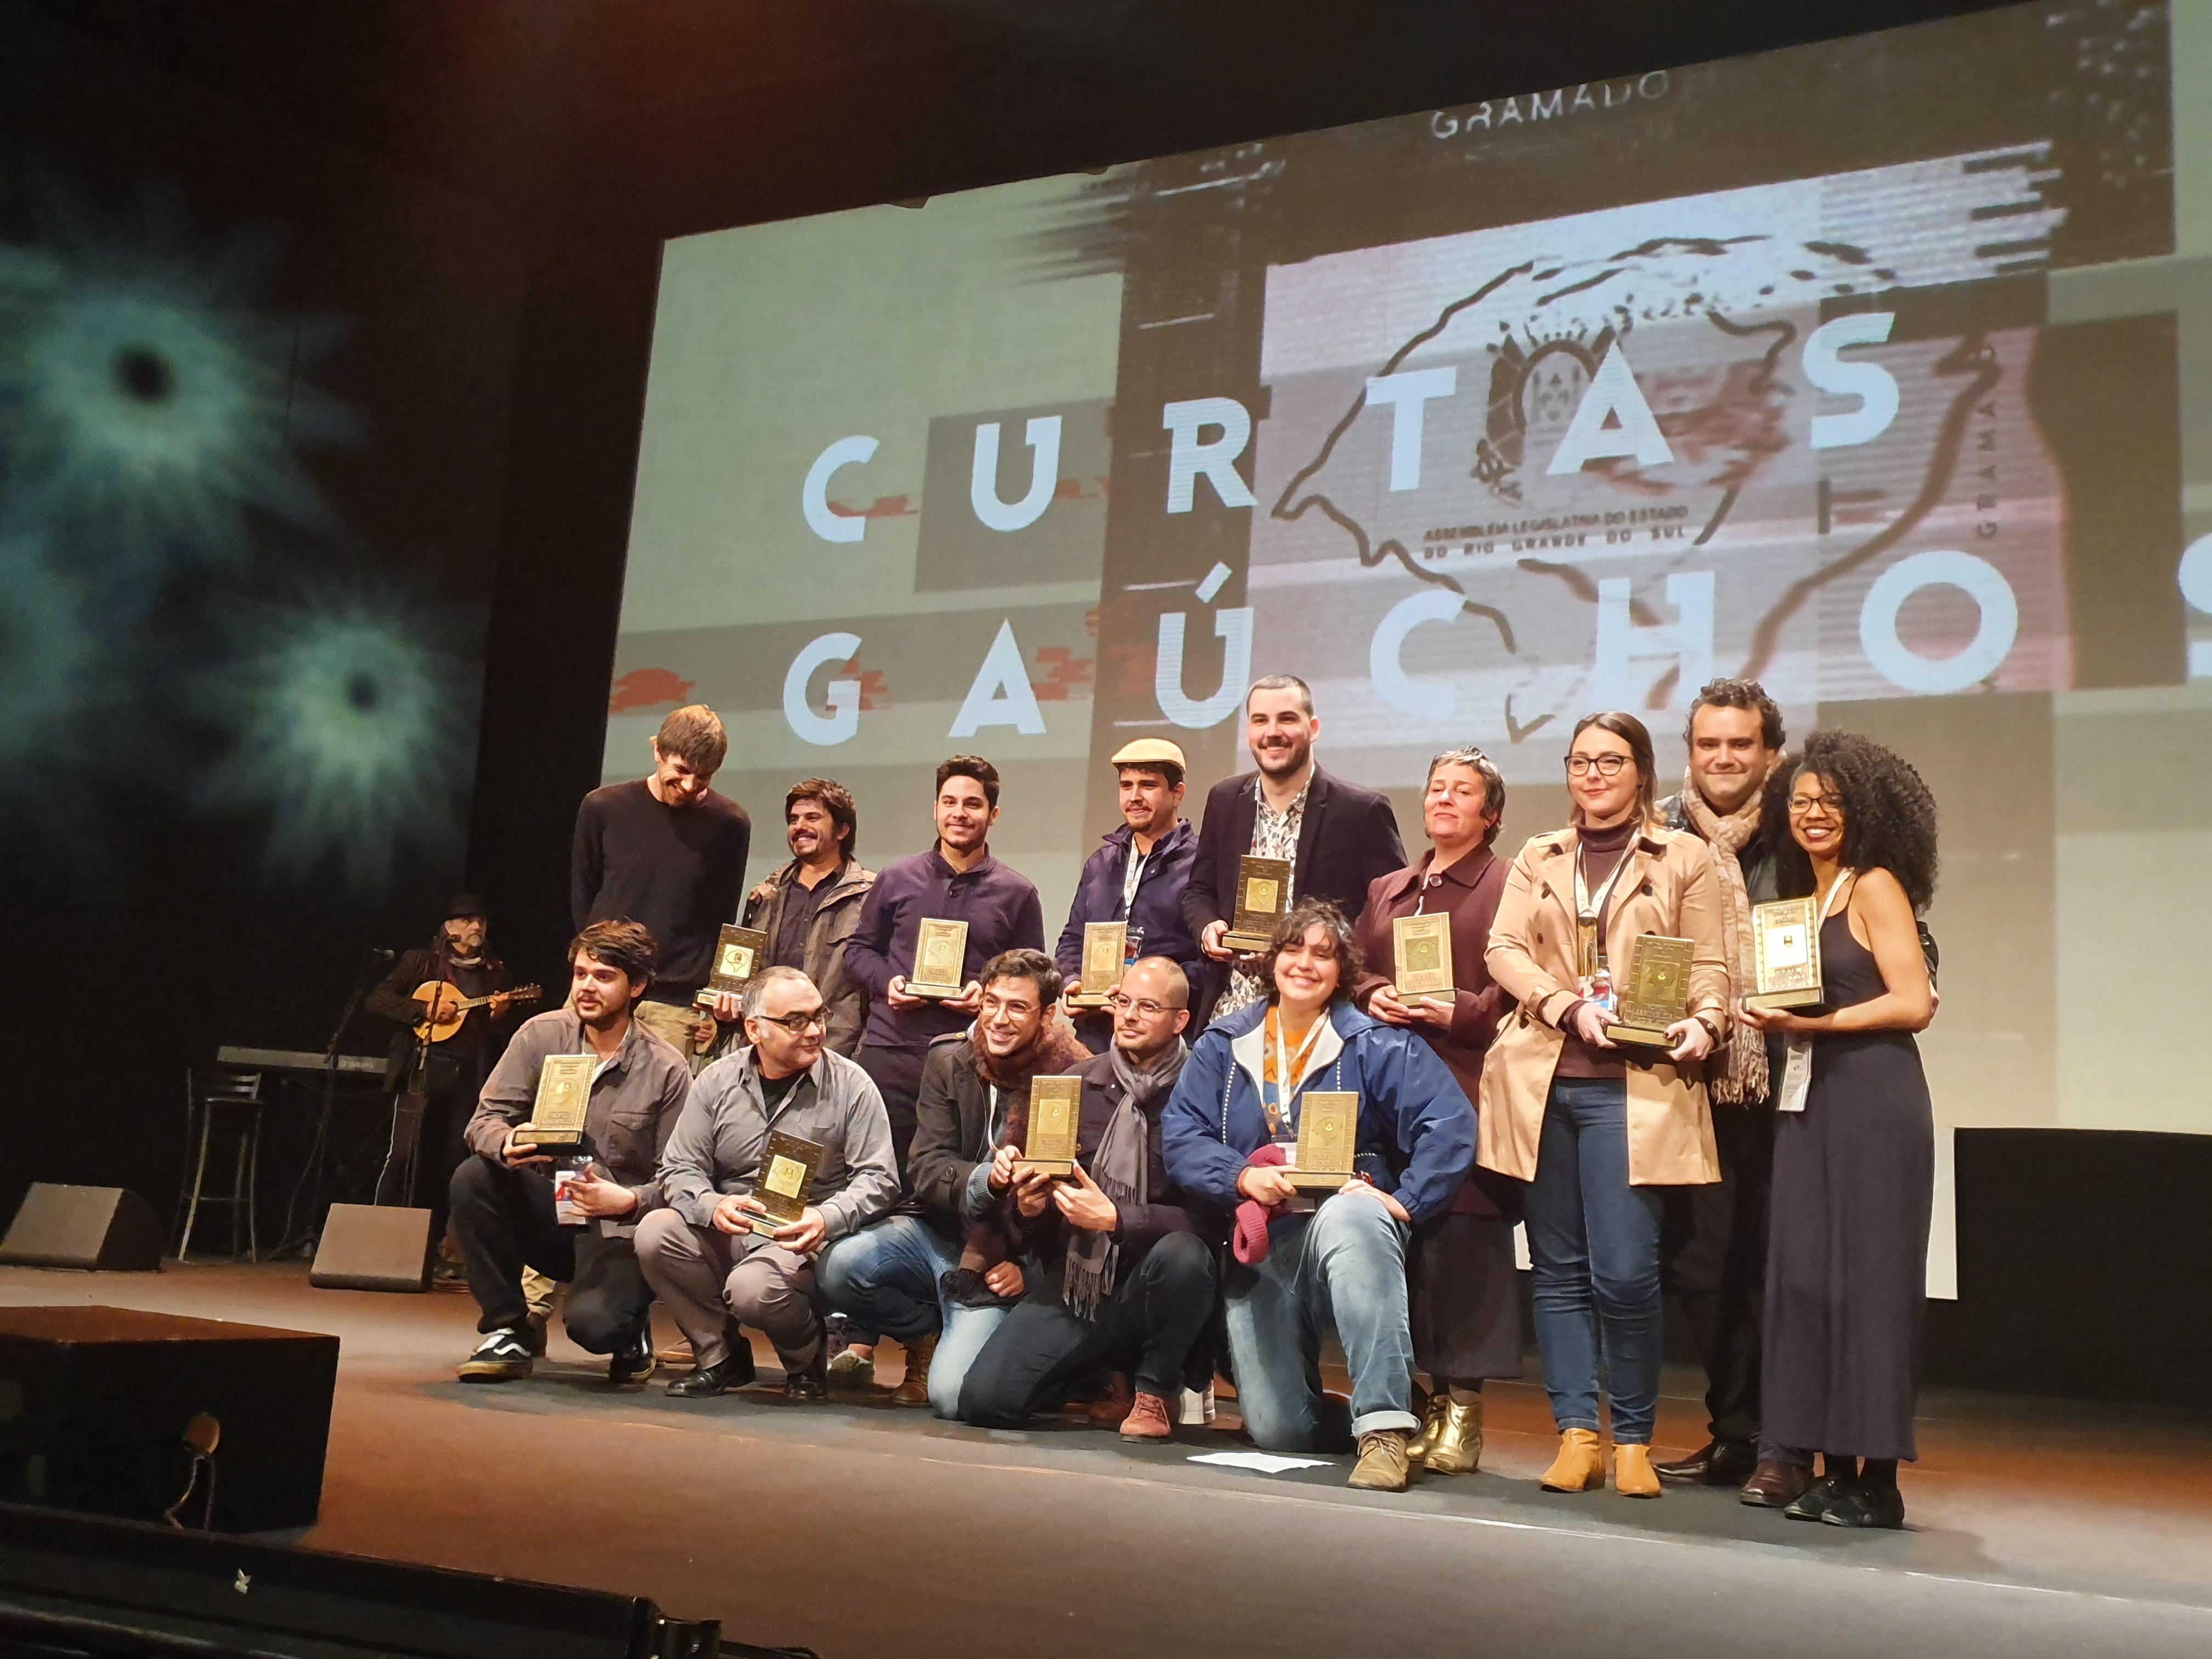 Festival de Gramado: Animação Só sei que foi assim vence a Mostra Gaúcha de Curtas